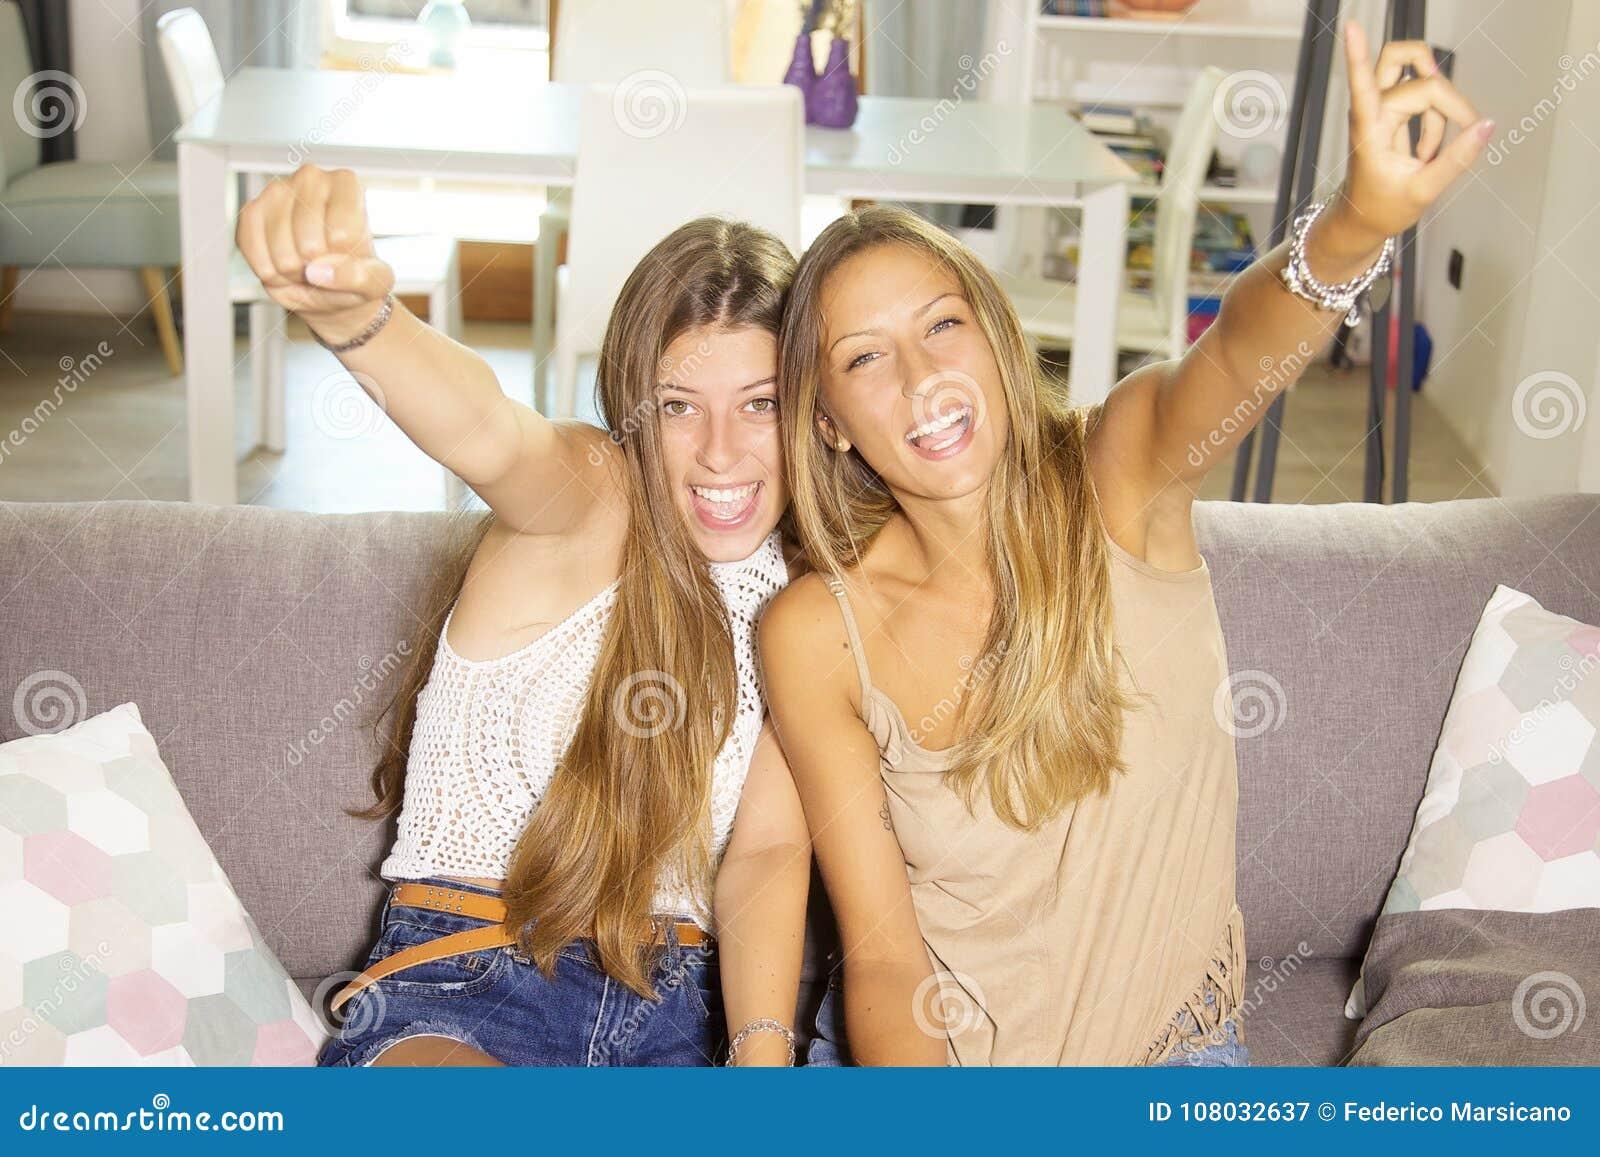 Nette Jugendliche, die Videospiel mit glücklicher lächelnder schauender Kameranahaufnahme der Konsole spielen